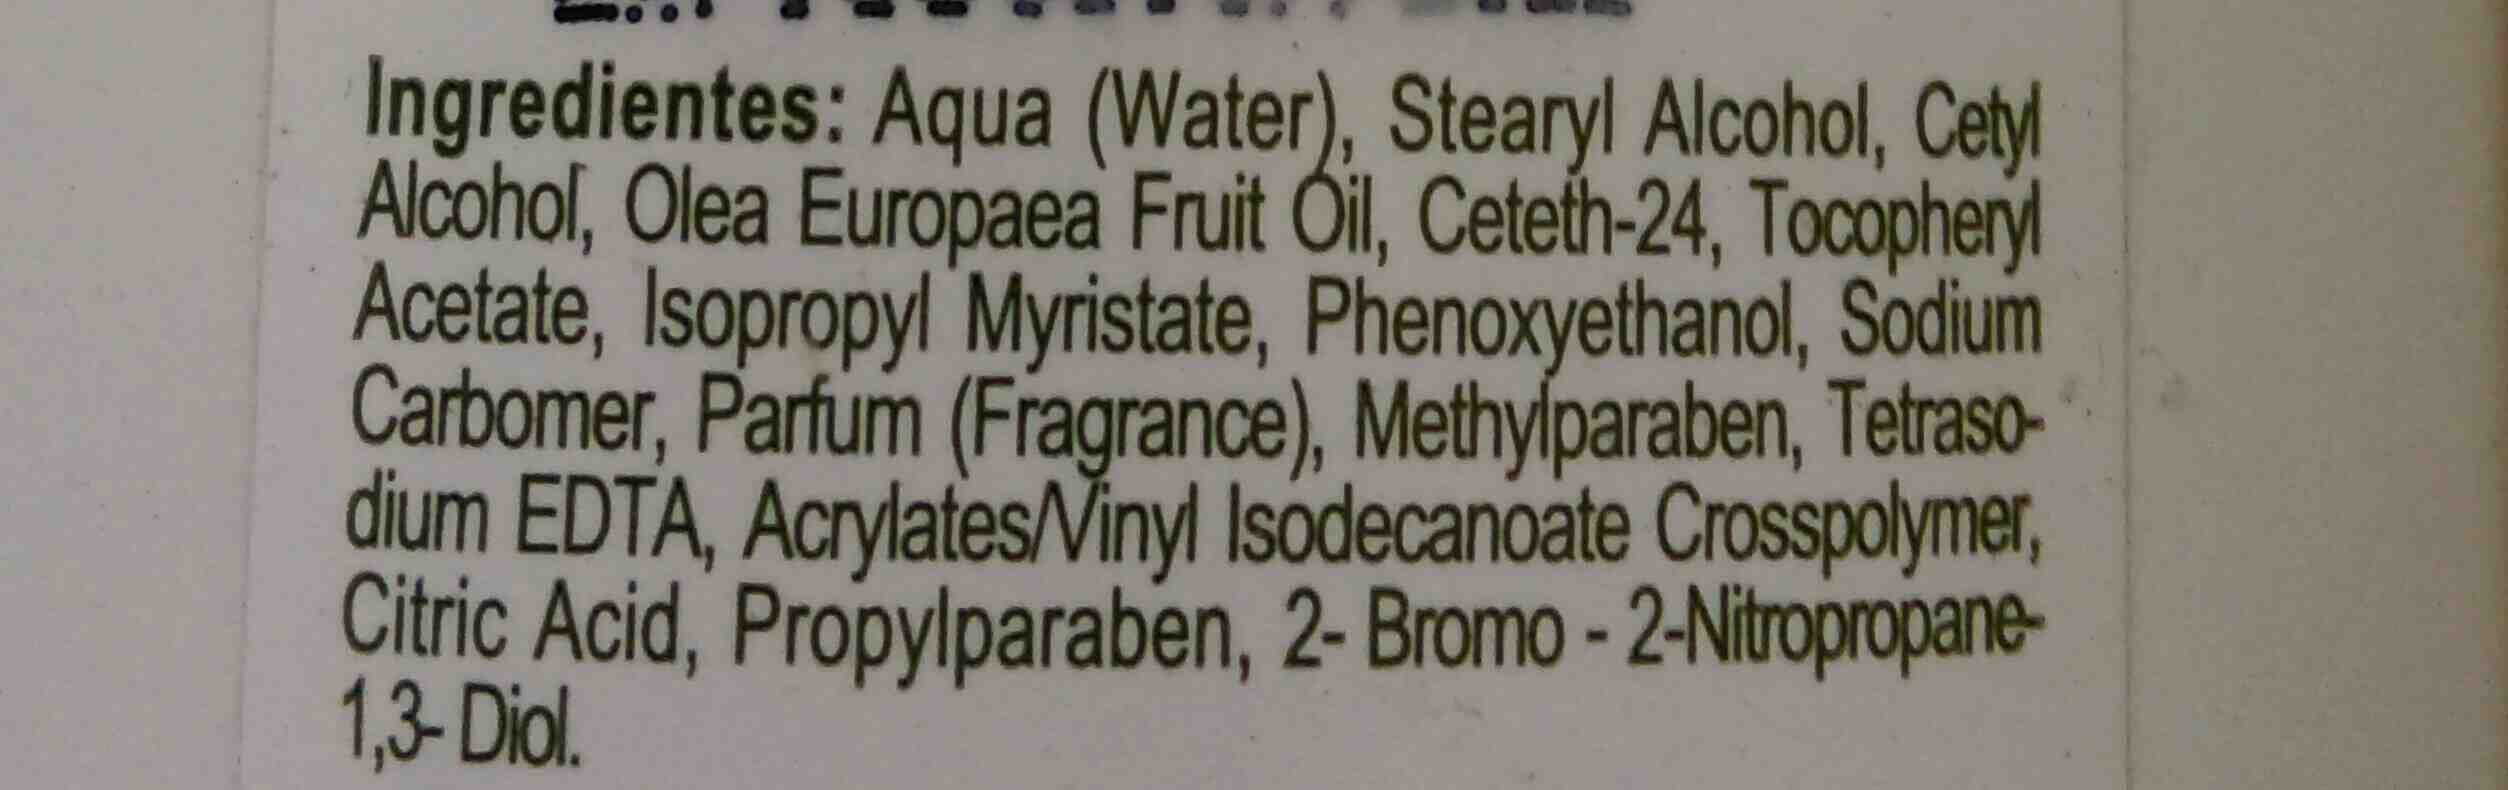 Olive oil body milk - Ingredients - en